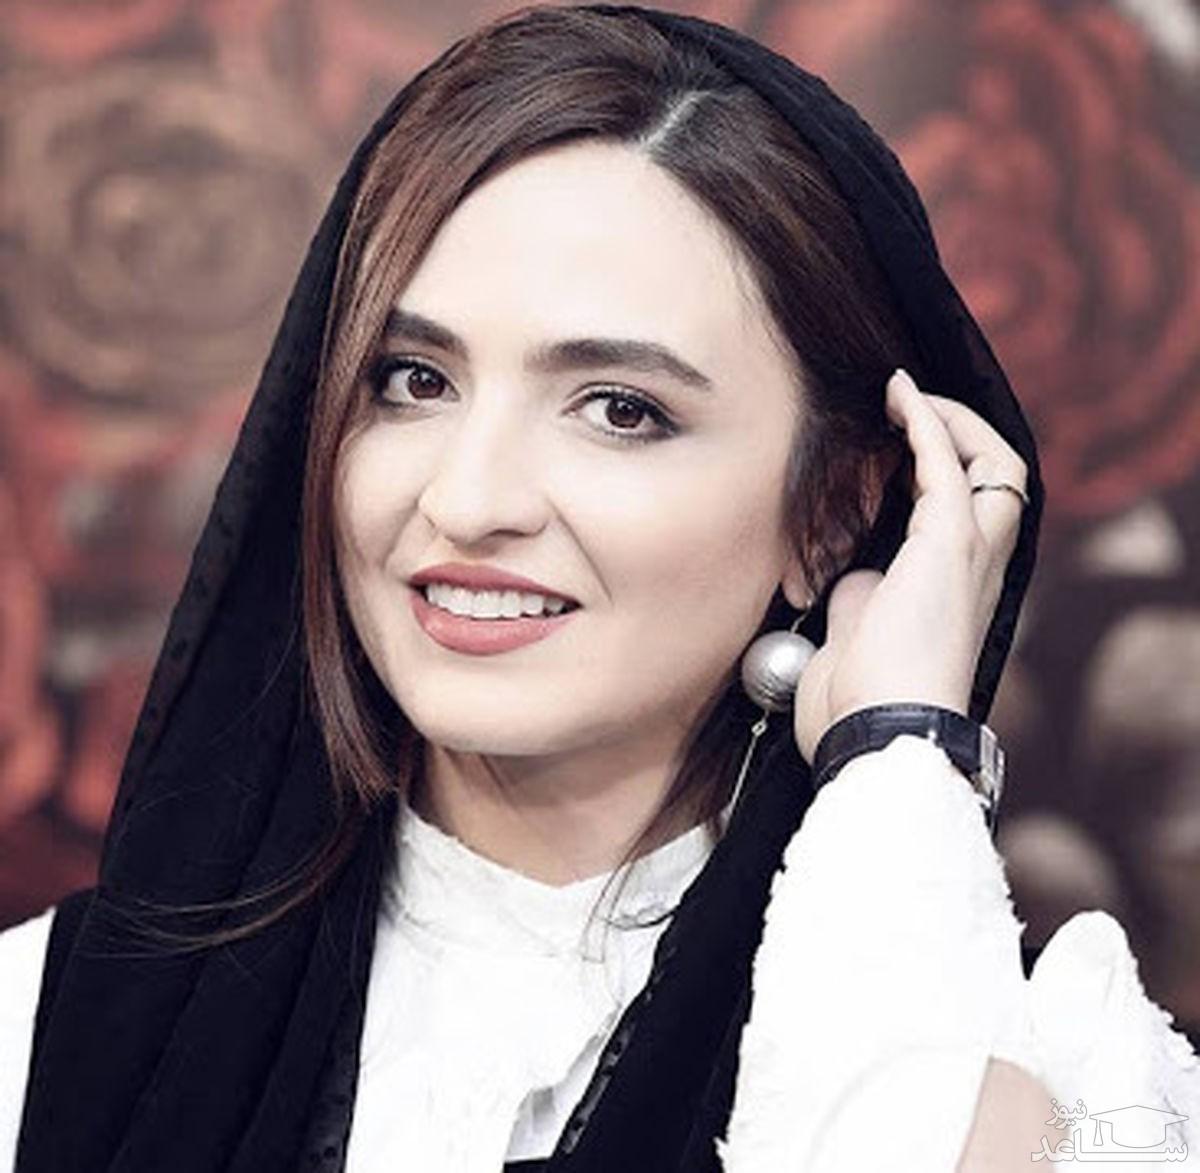 «گلاره عباسی» و عکسی متفاوت درکنار «ترانه علیدوستی»